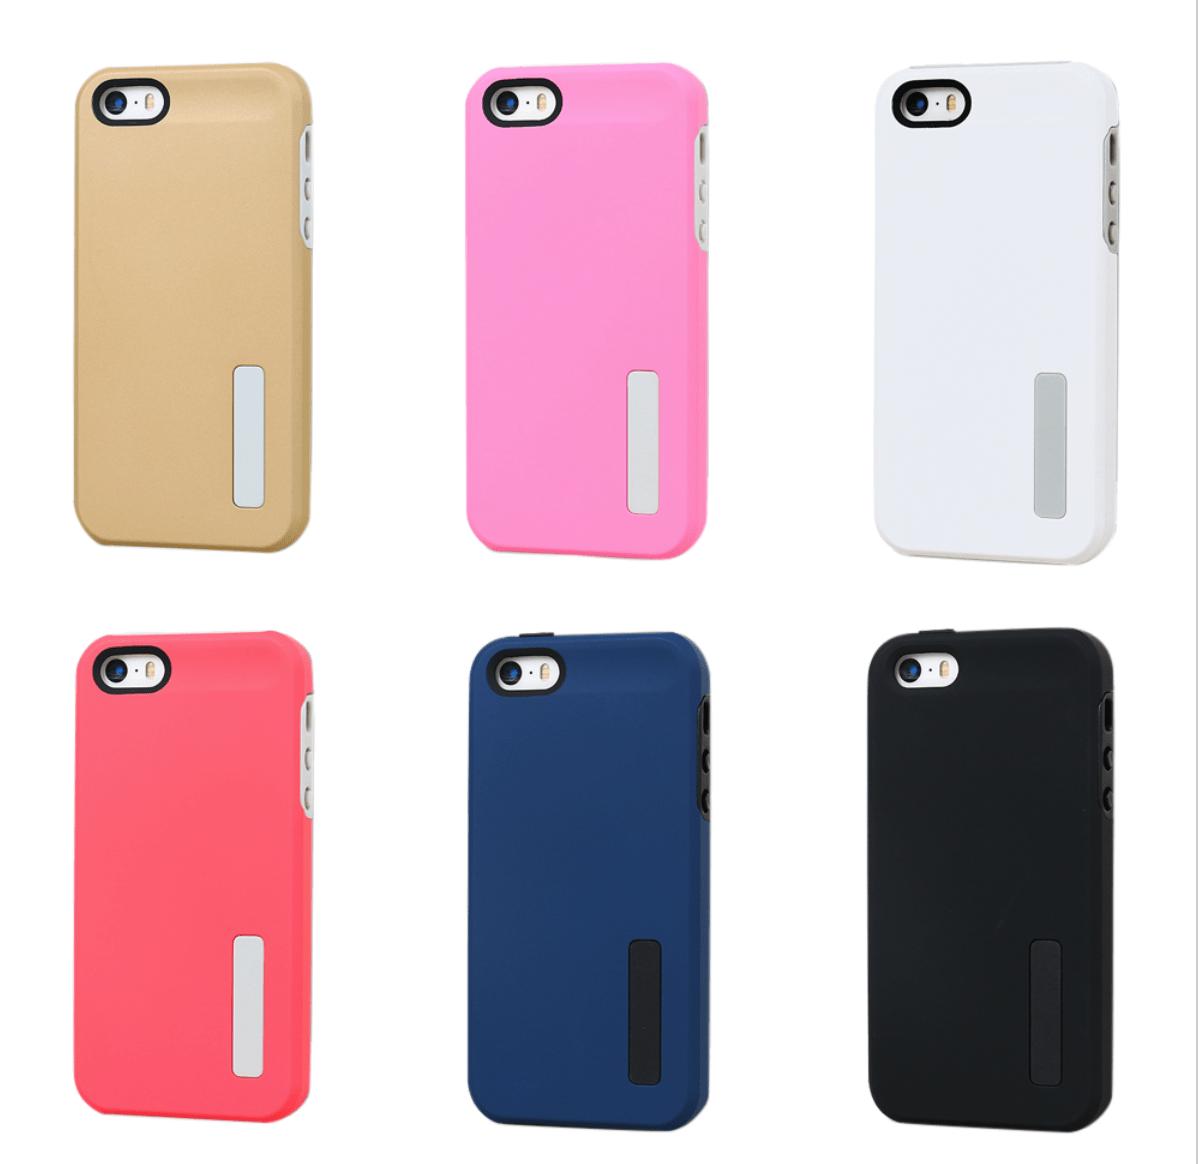 הגנה מלאה! כיסוי הגנה כפולה לאייפון 7 iPhone